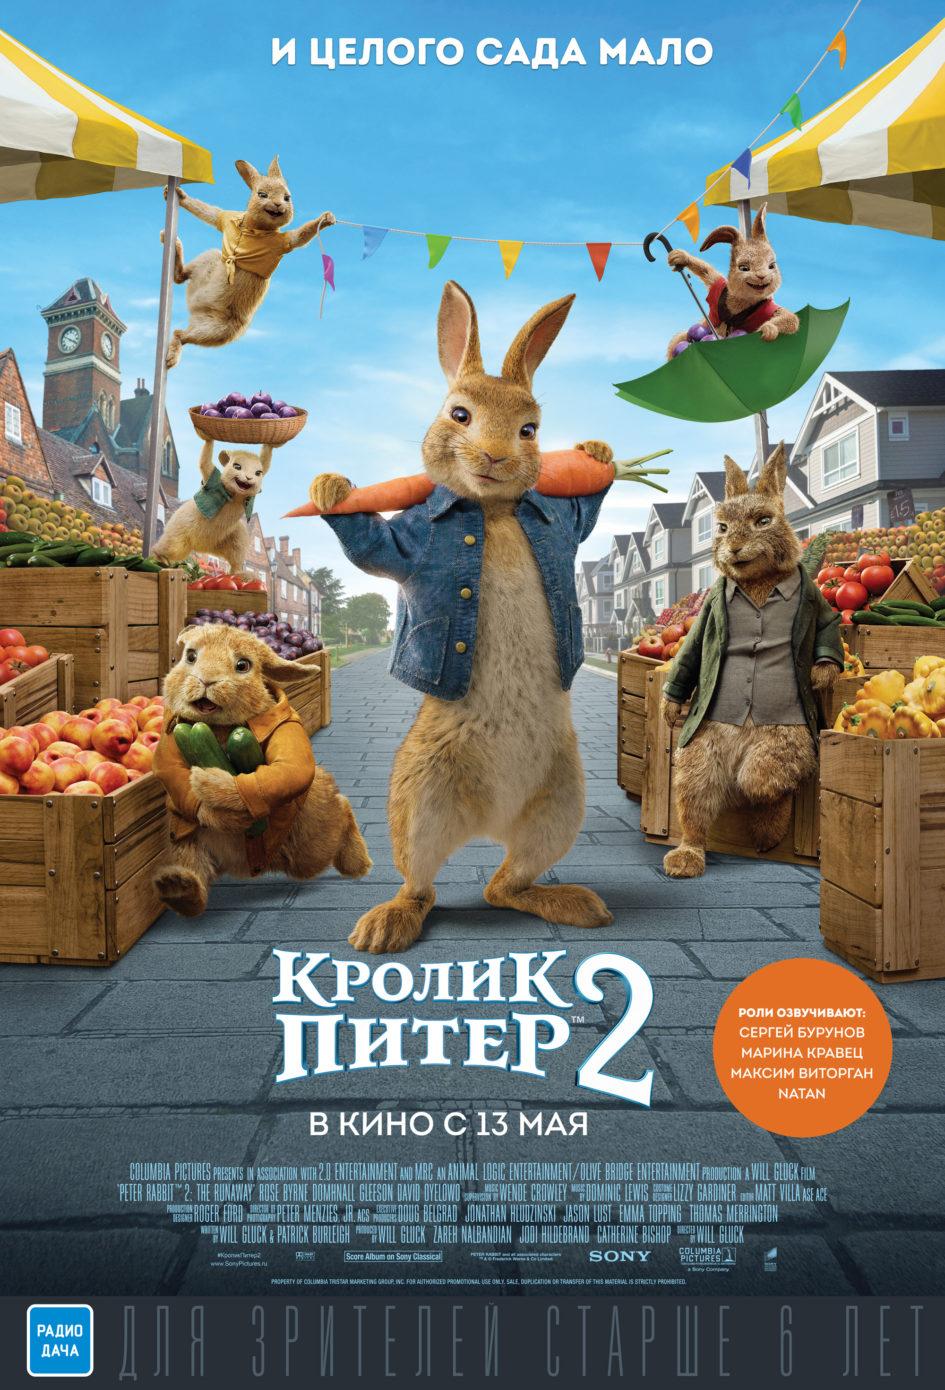 Кролик Питер 2 (Peter Rabbit 2, 2020) - песни из фильма